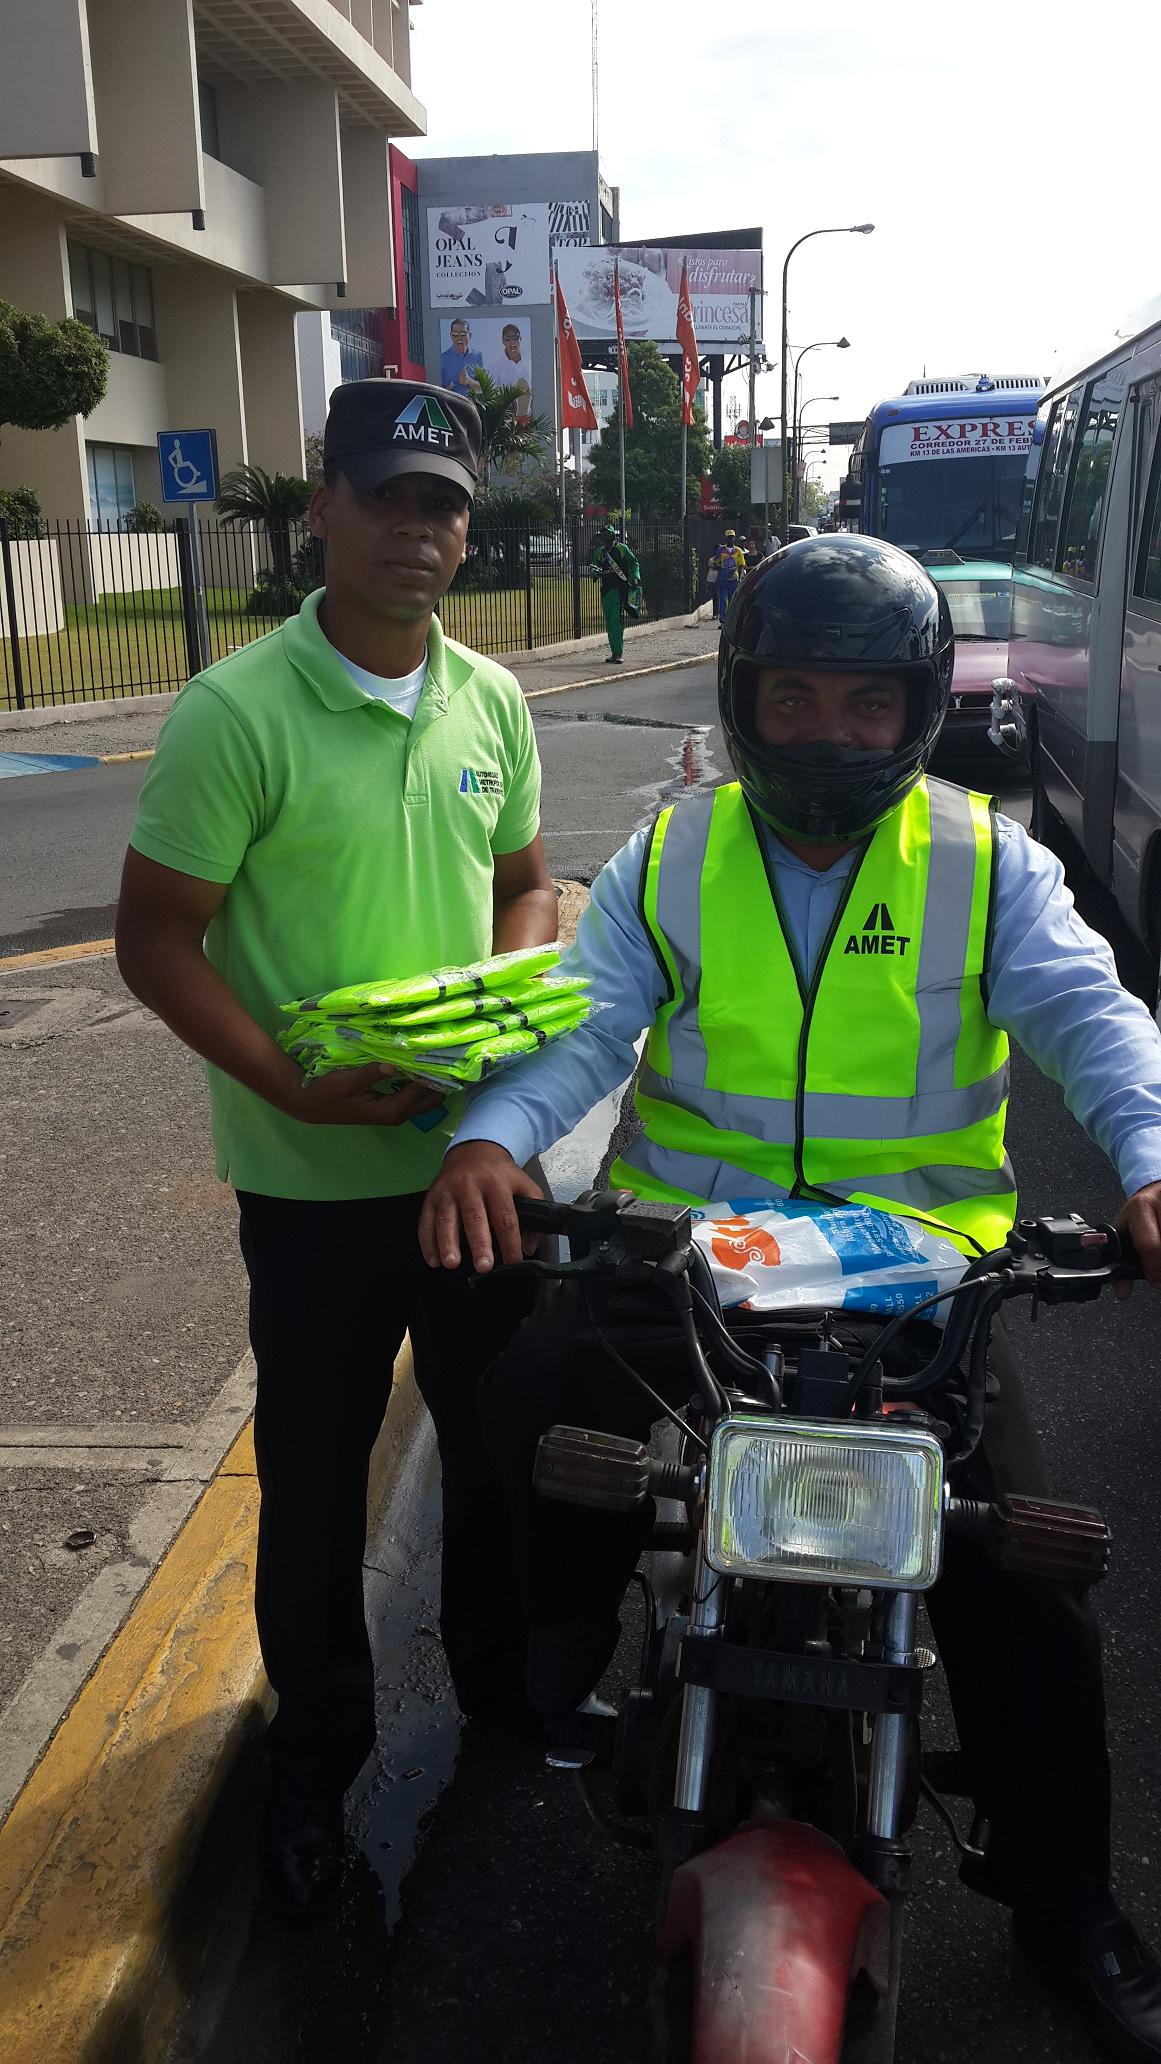 AMET entrega chalecos reflectivos a decenas de motociclistas